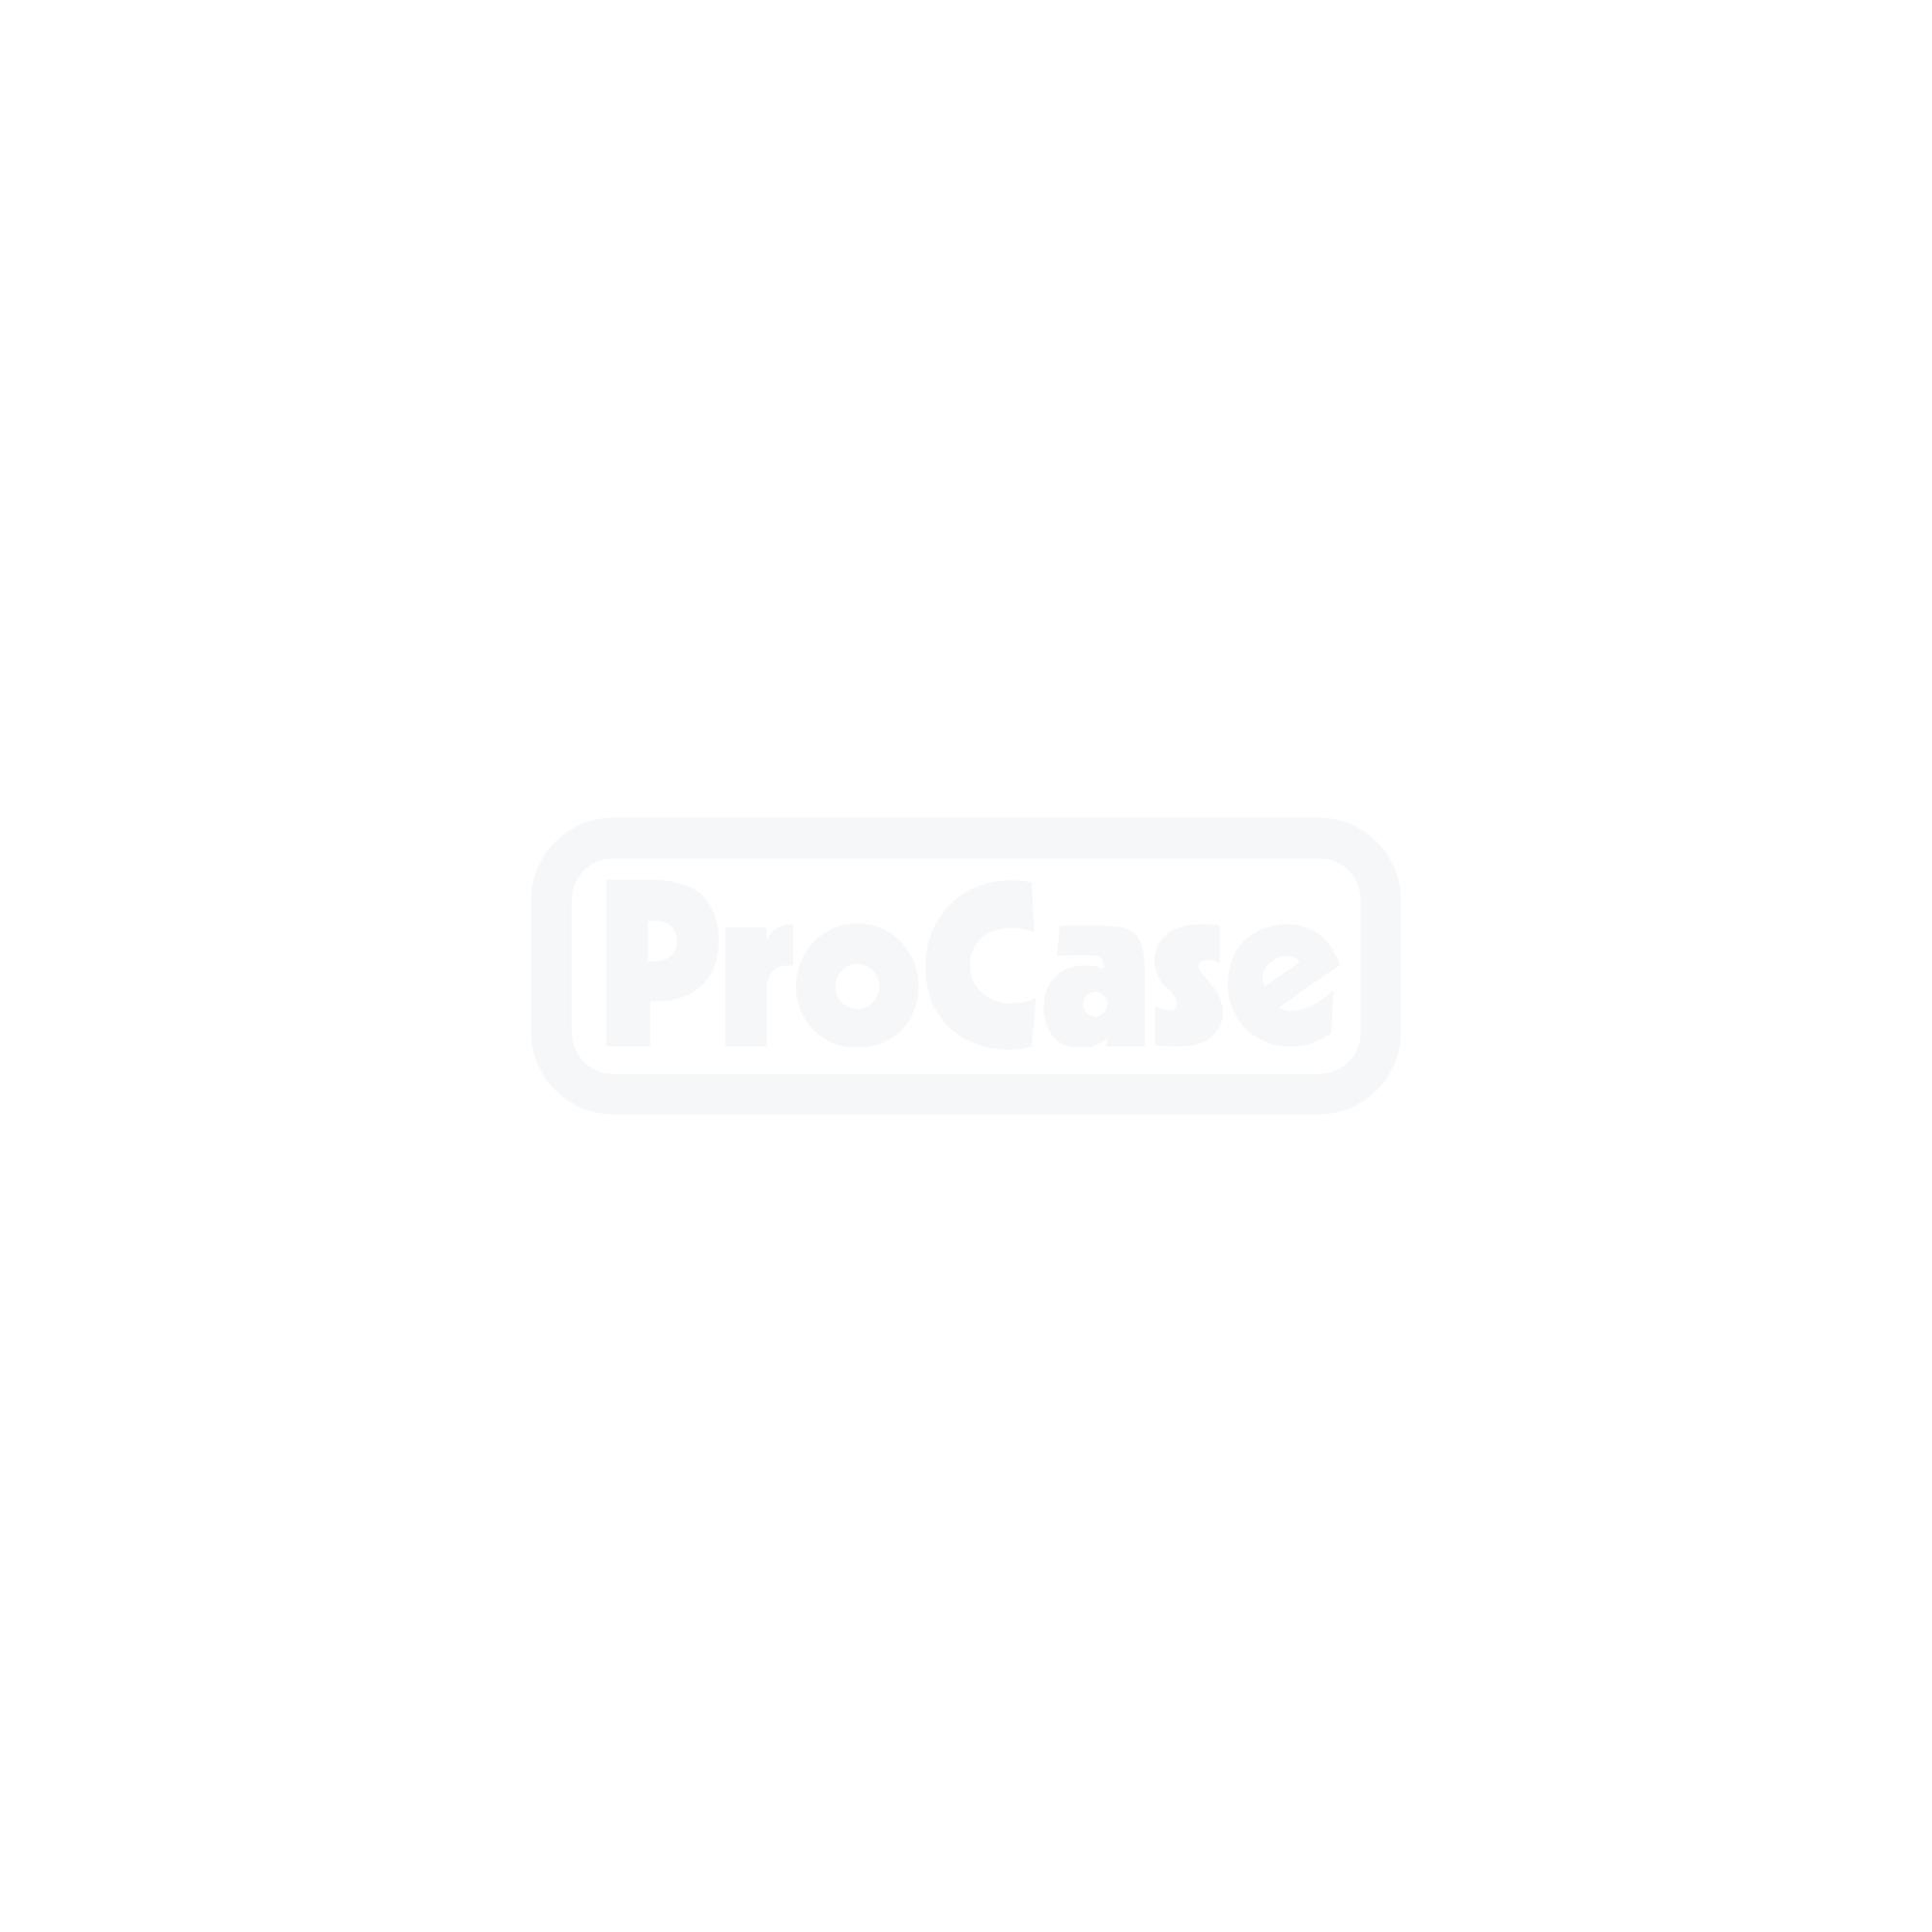 SKB 3i Koffer 2217-10 leer mit Trolley 2